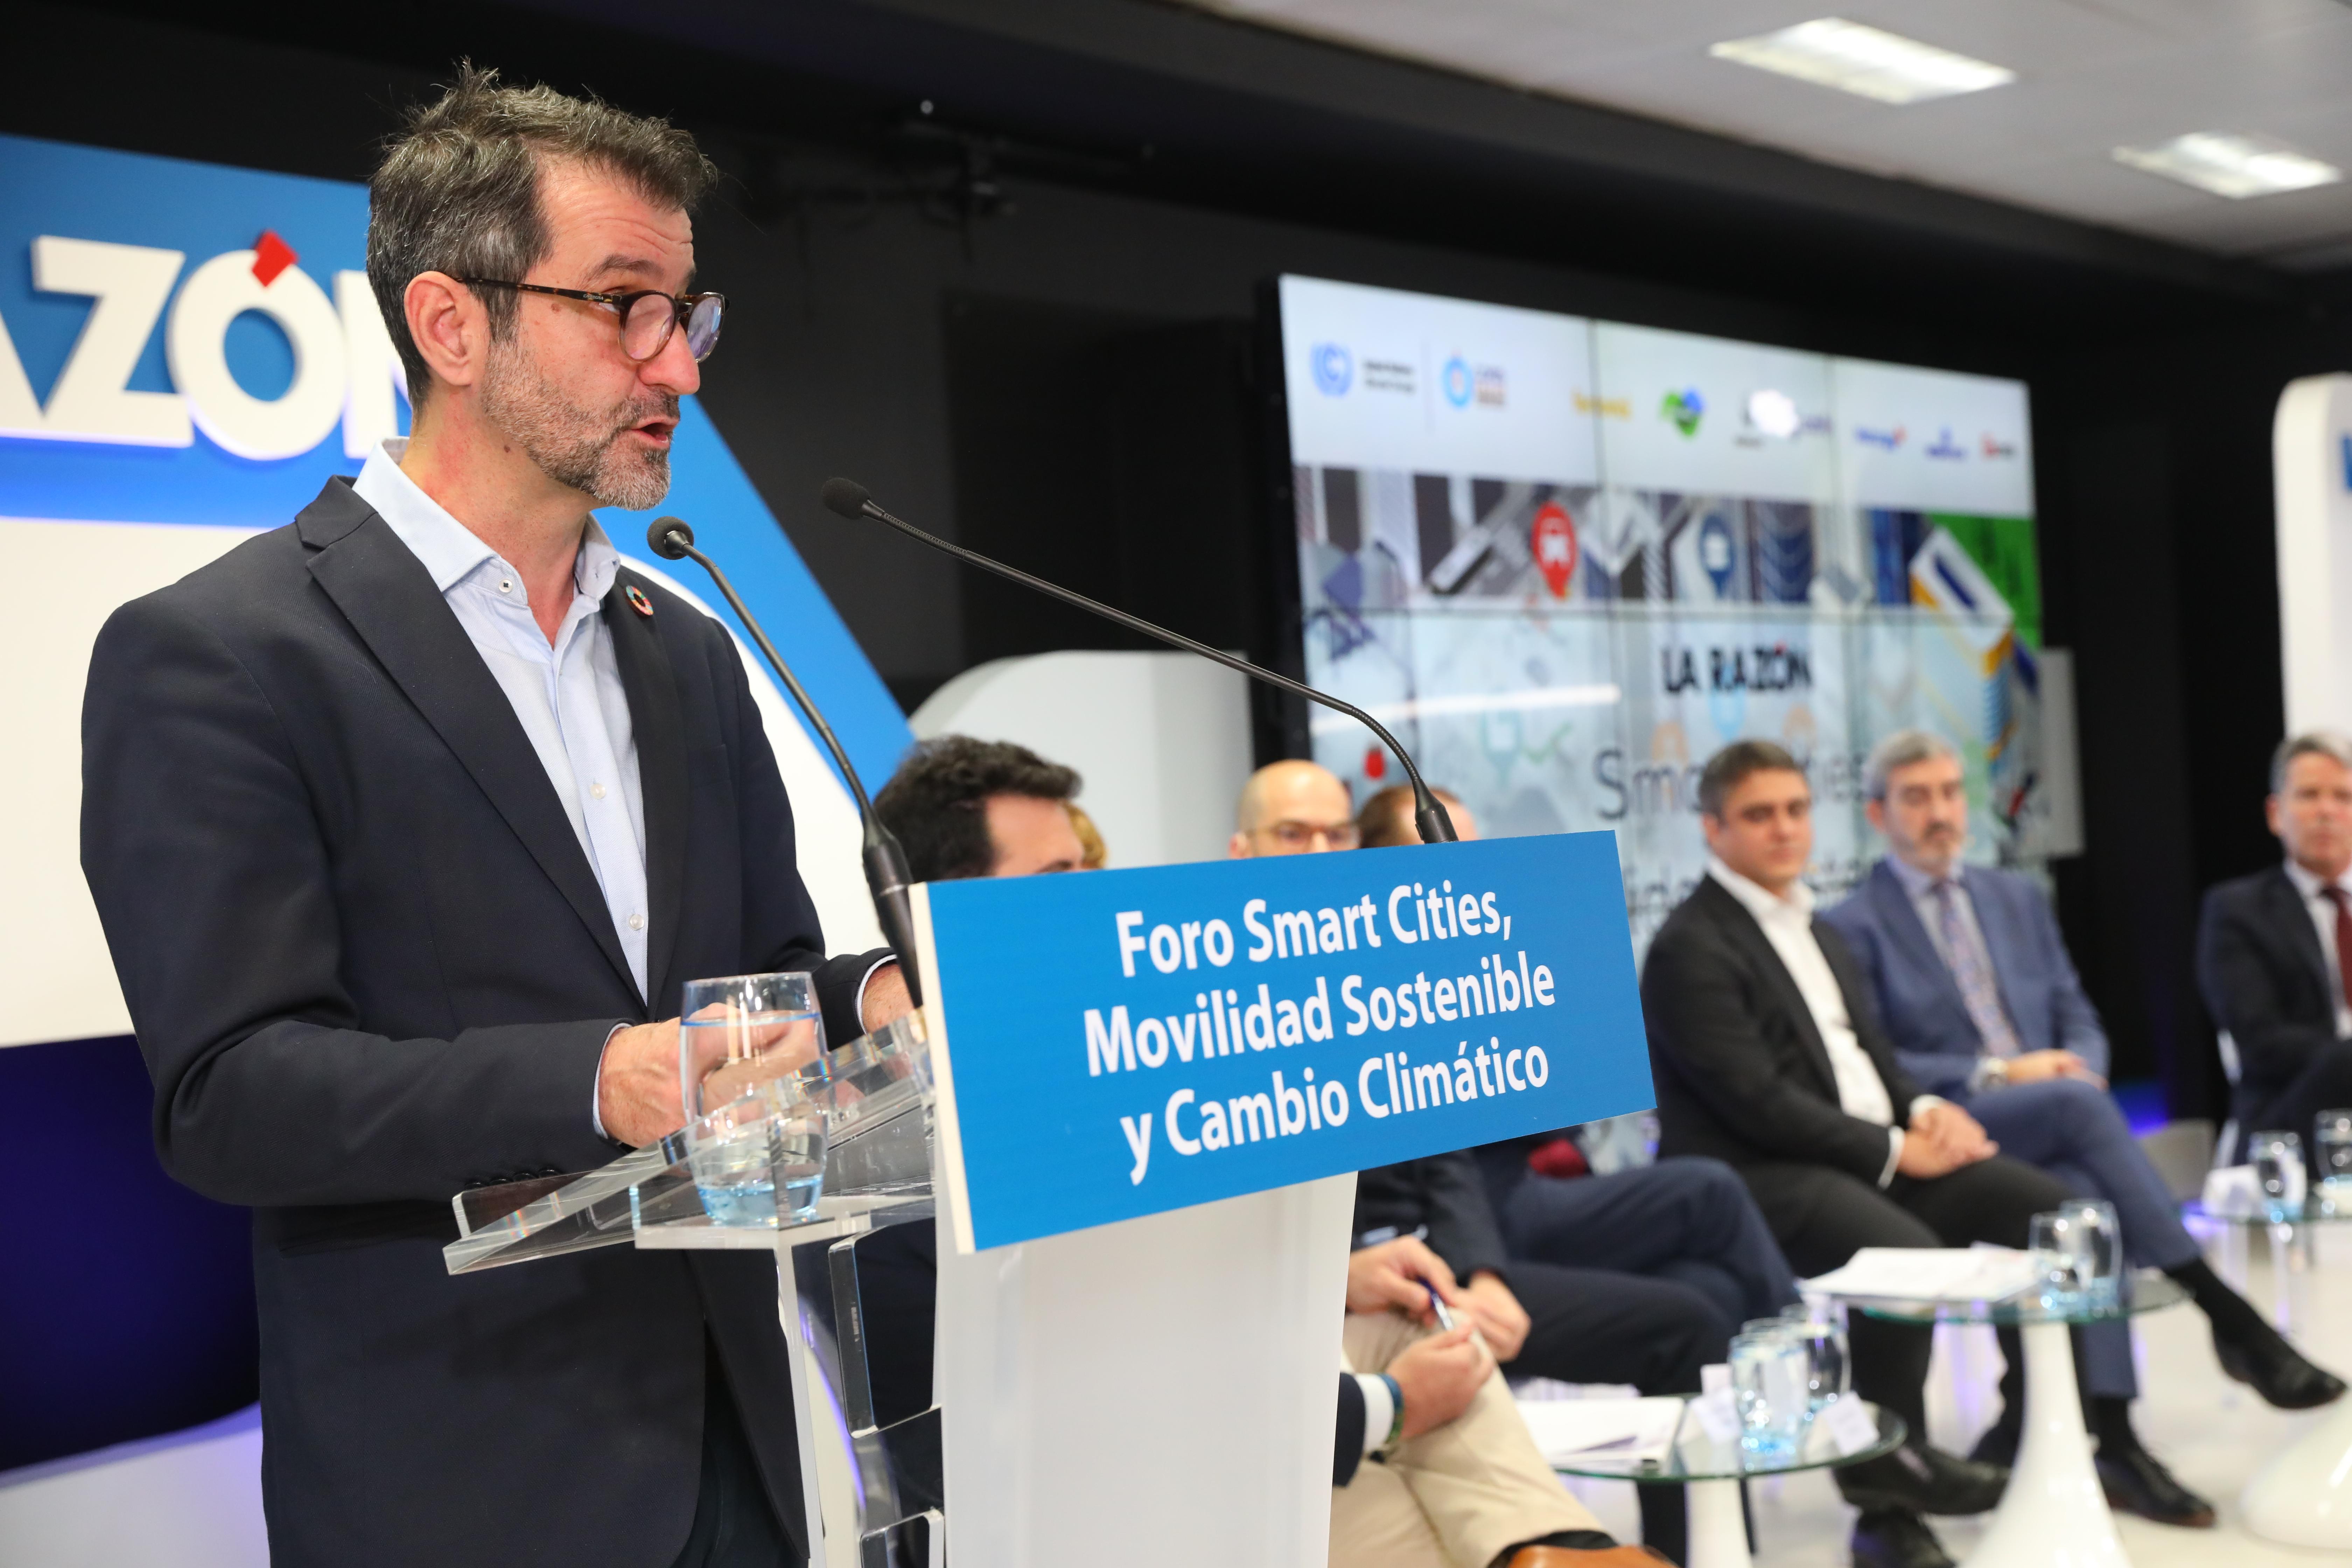 El director general de Red.es, David Cierco, durante su discurso de inauguración del foro «Smart Cities, movilidad sostenible y cambio climático», organizado por LA RAZÓN